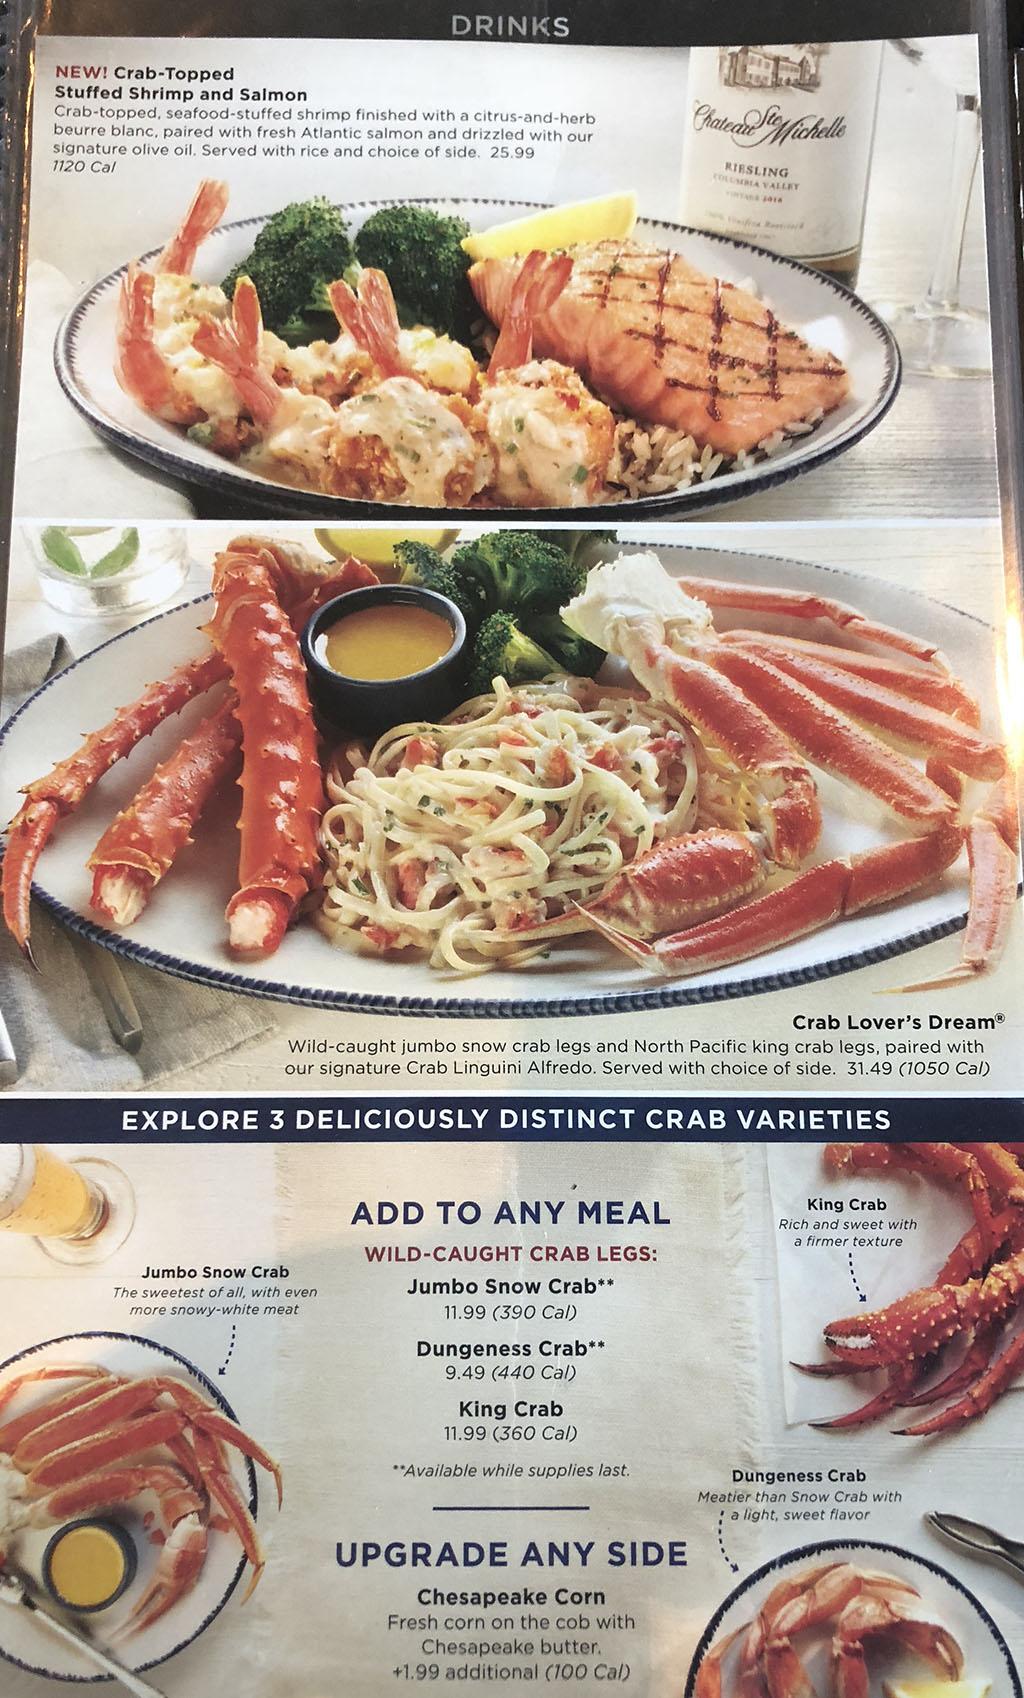 Red Lobster menu - more crabfest food specials